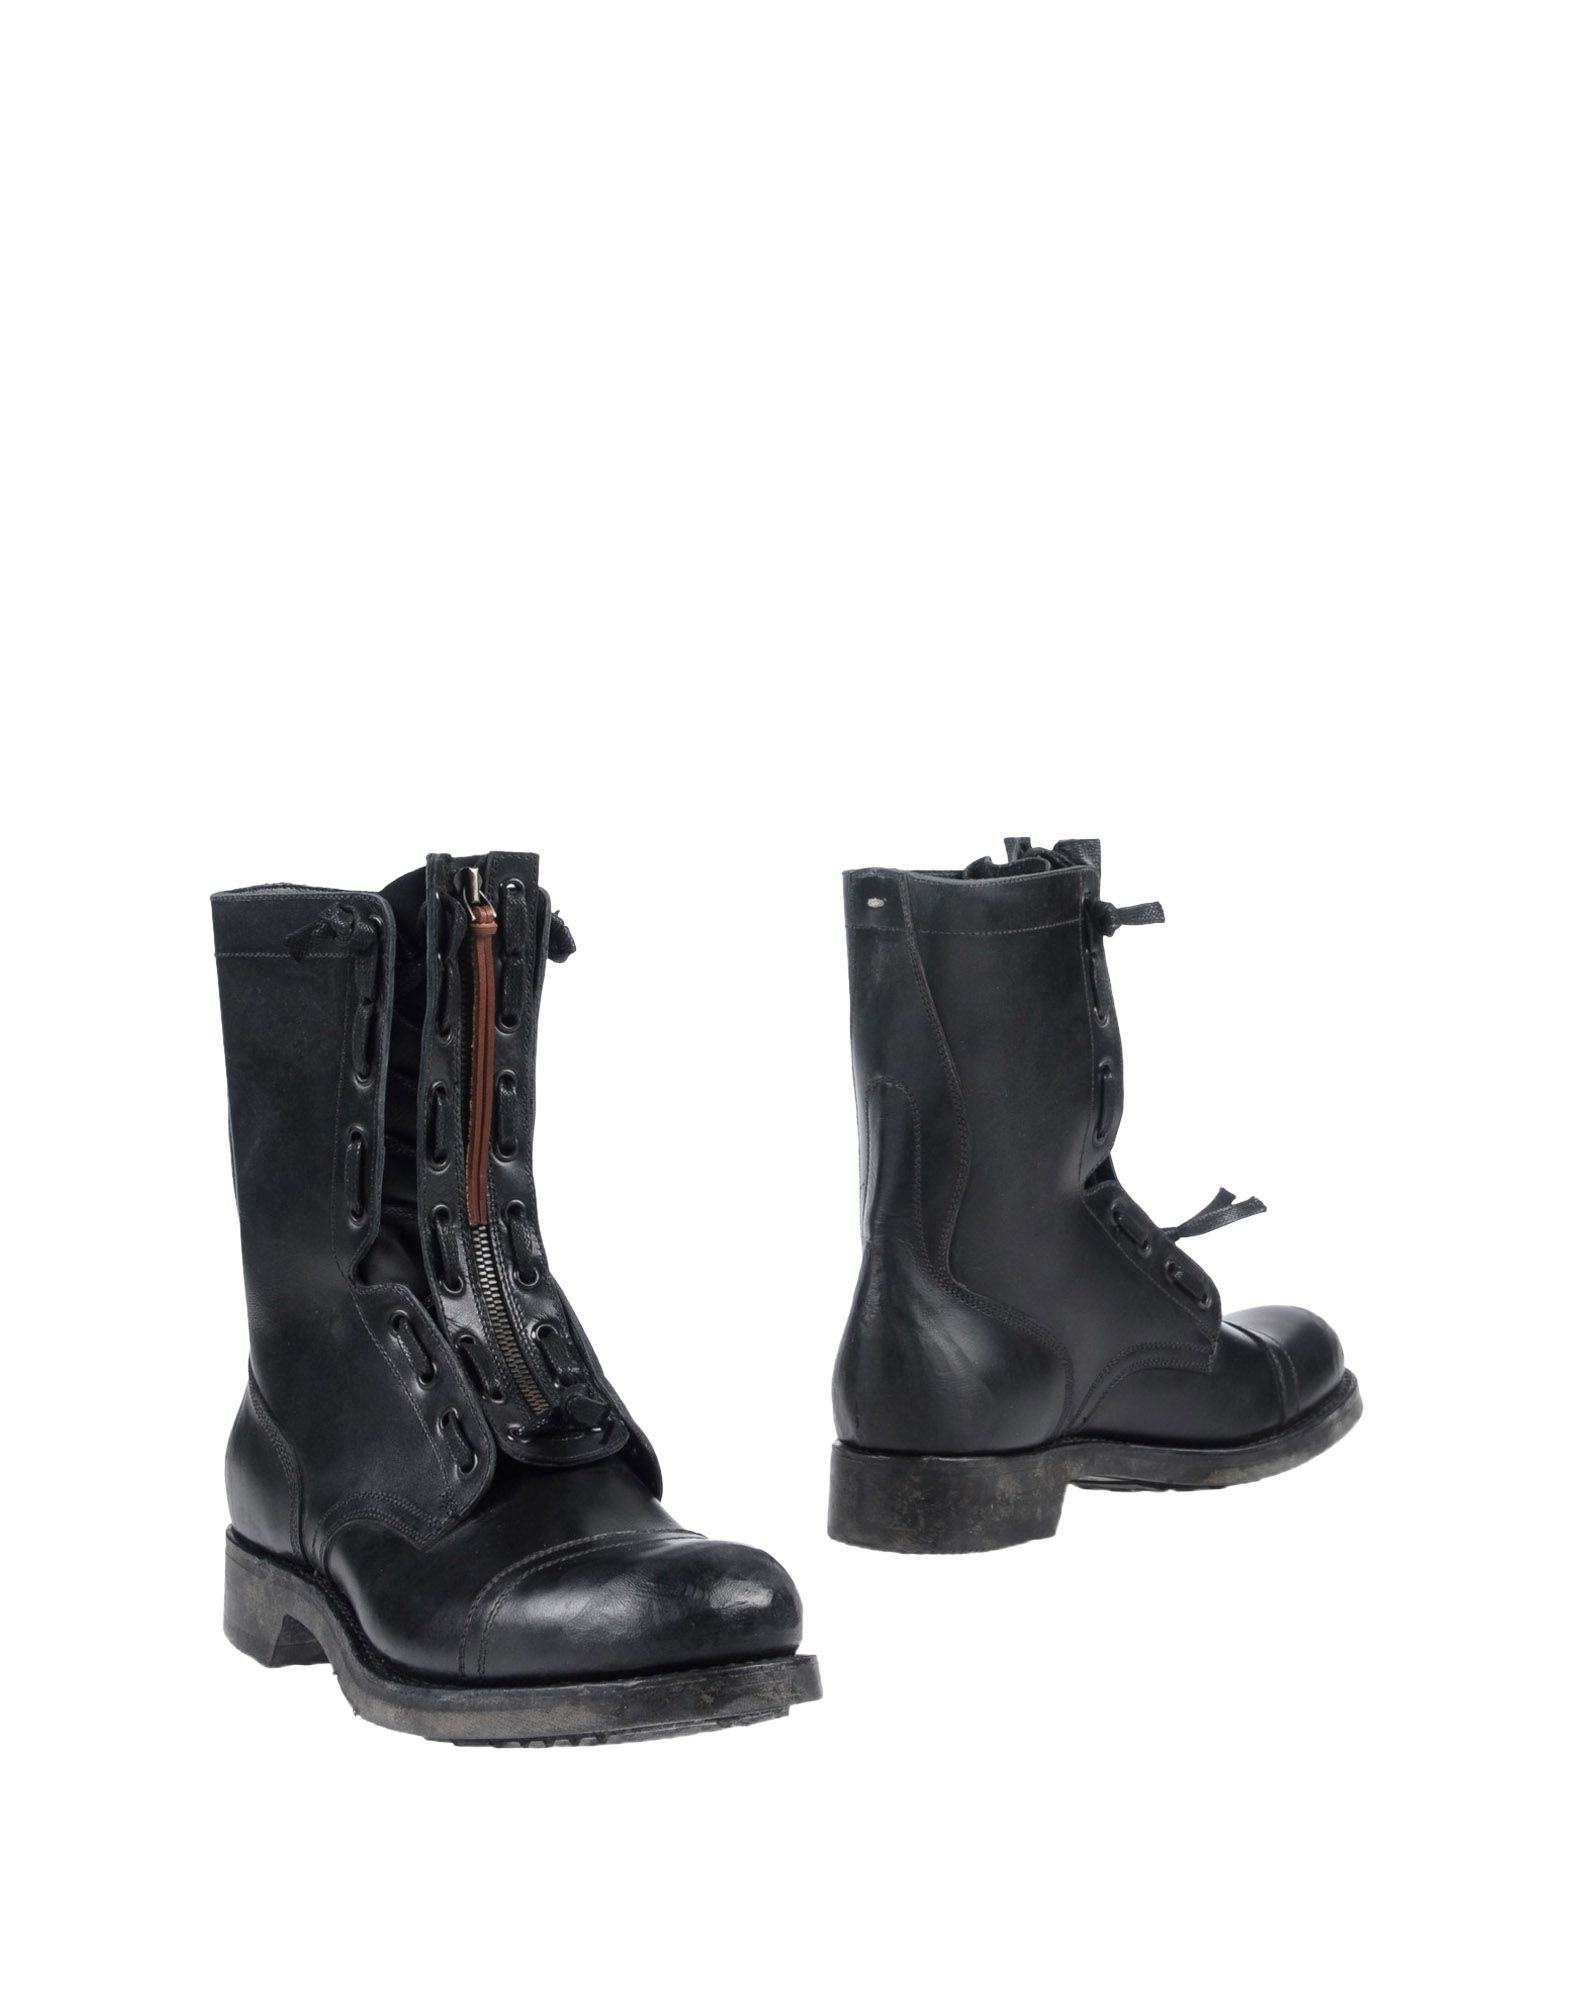 Maison Margiela Stiefelette Herren  11439778LE Neue Schuhe